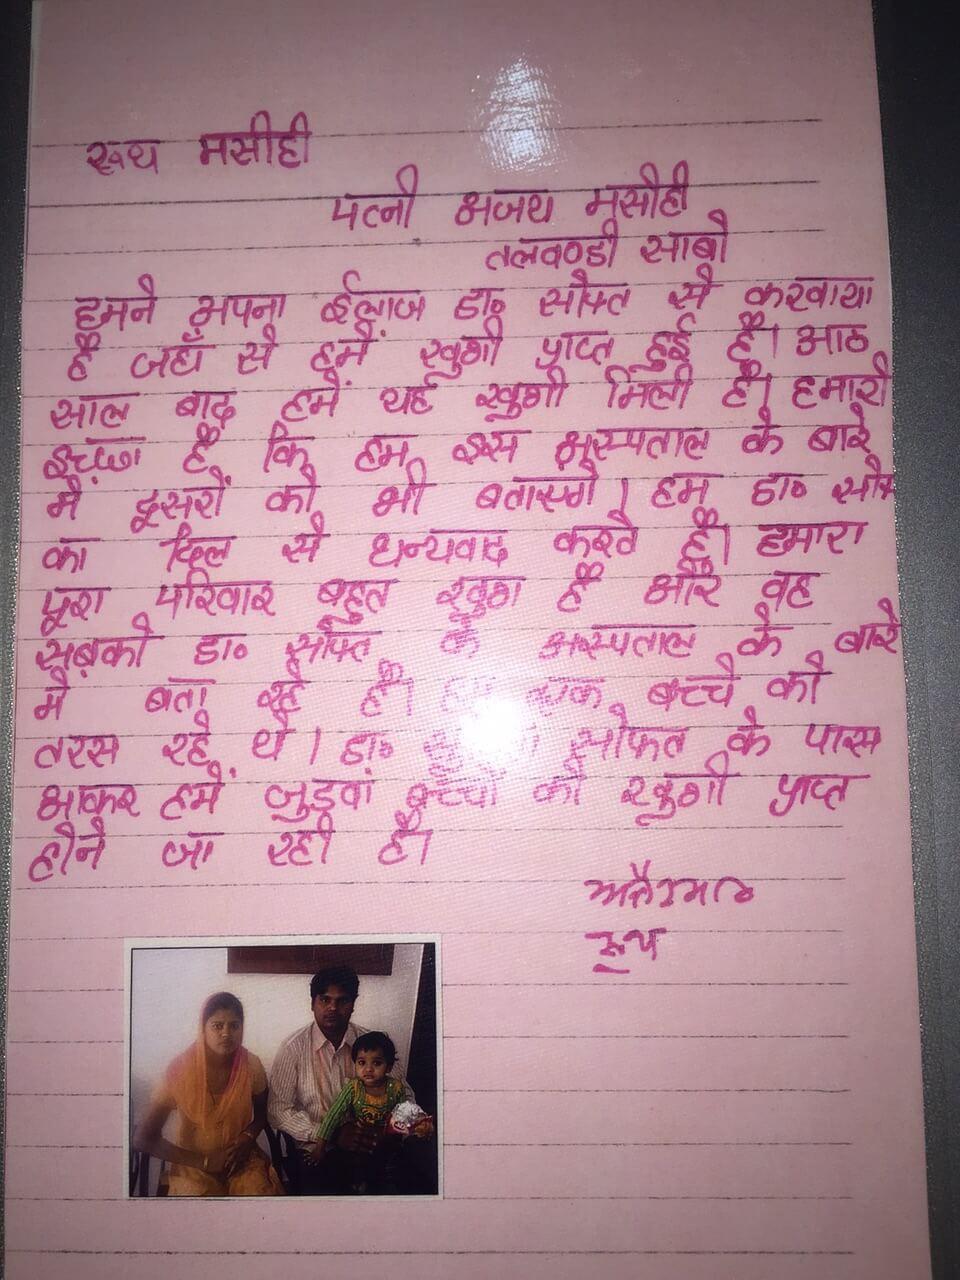 Ajay-Masihi-Ruth-Masihi